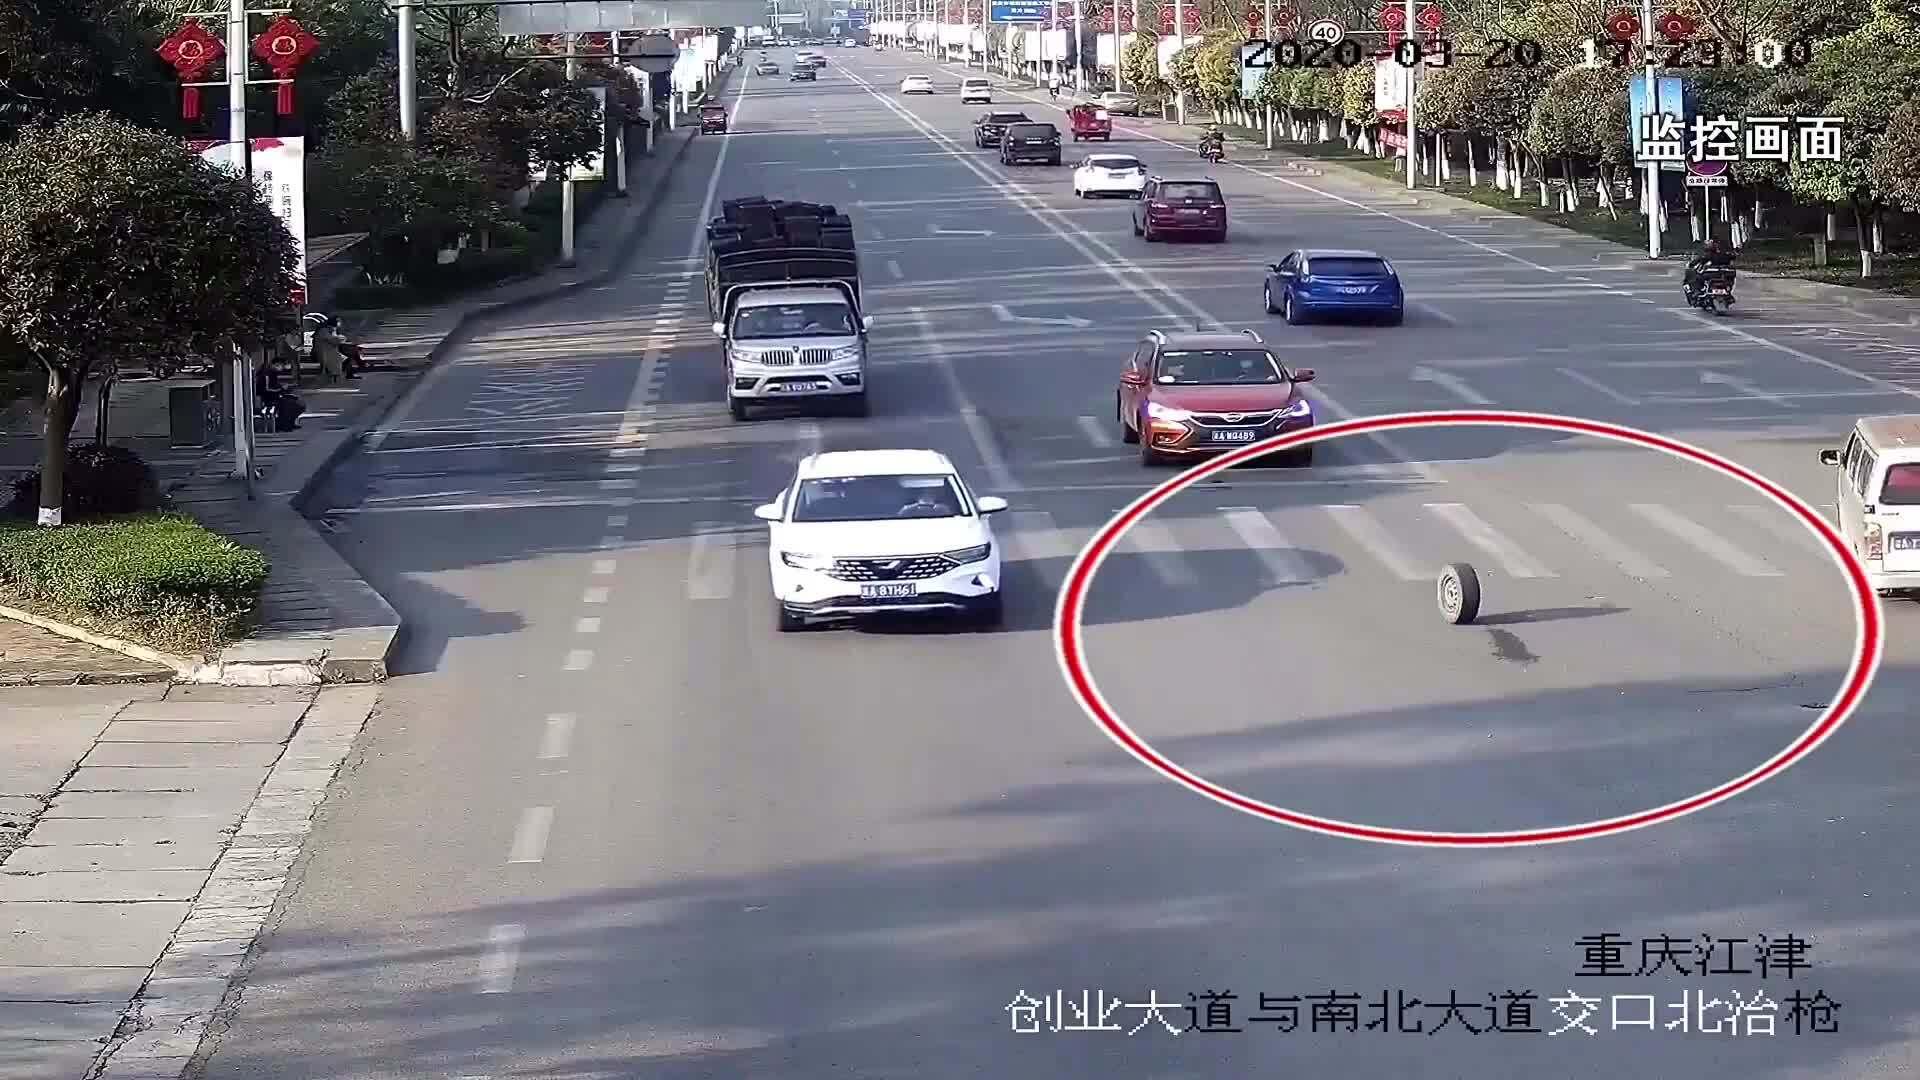 Lốp rơi khỏi ôtô, đánh gục người phụ nữ ngồi đợi xe buýt